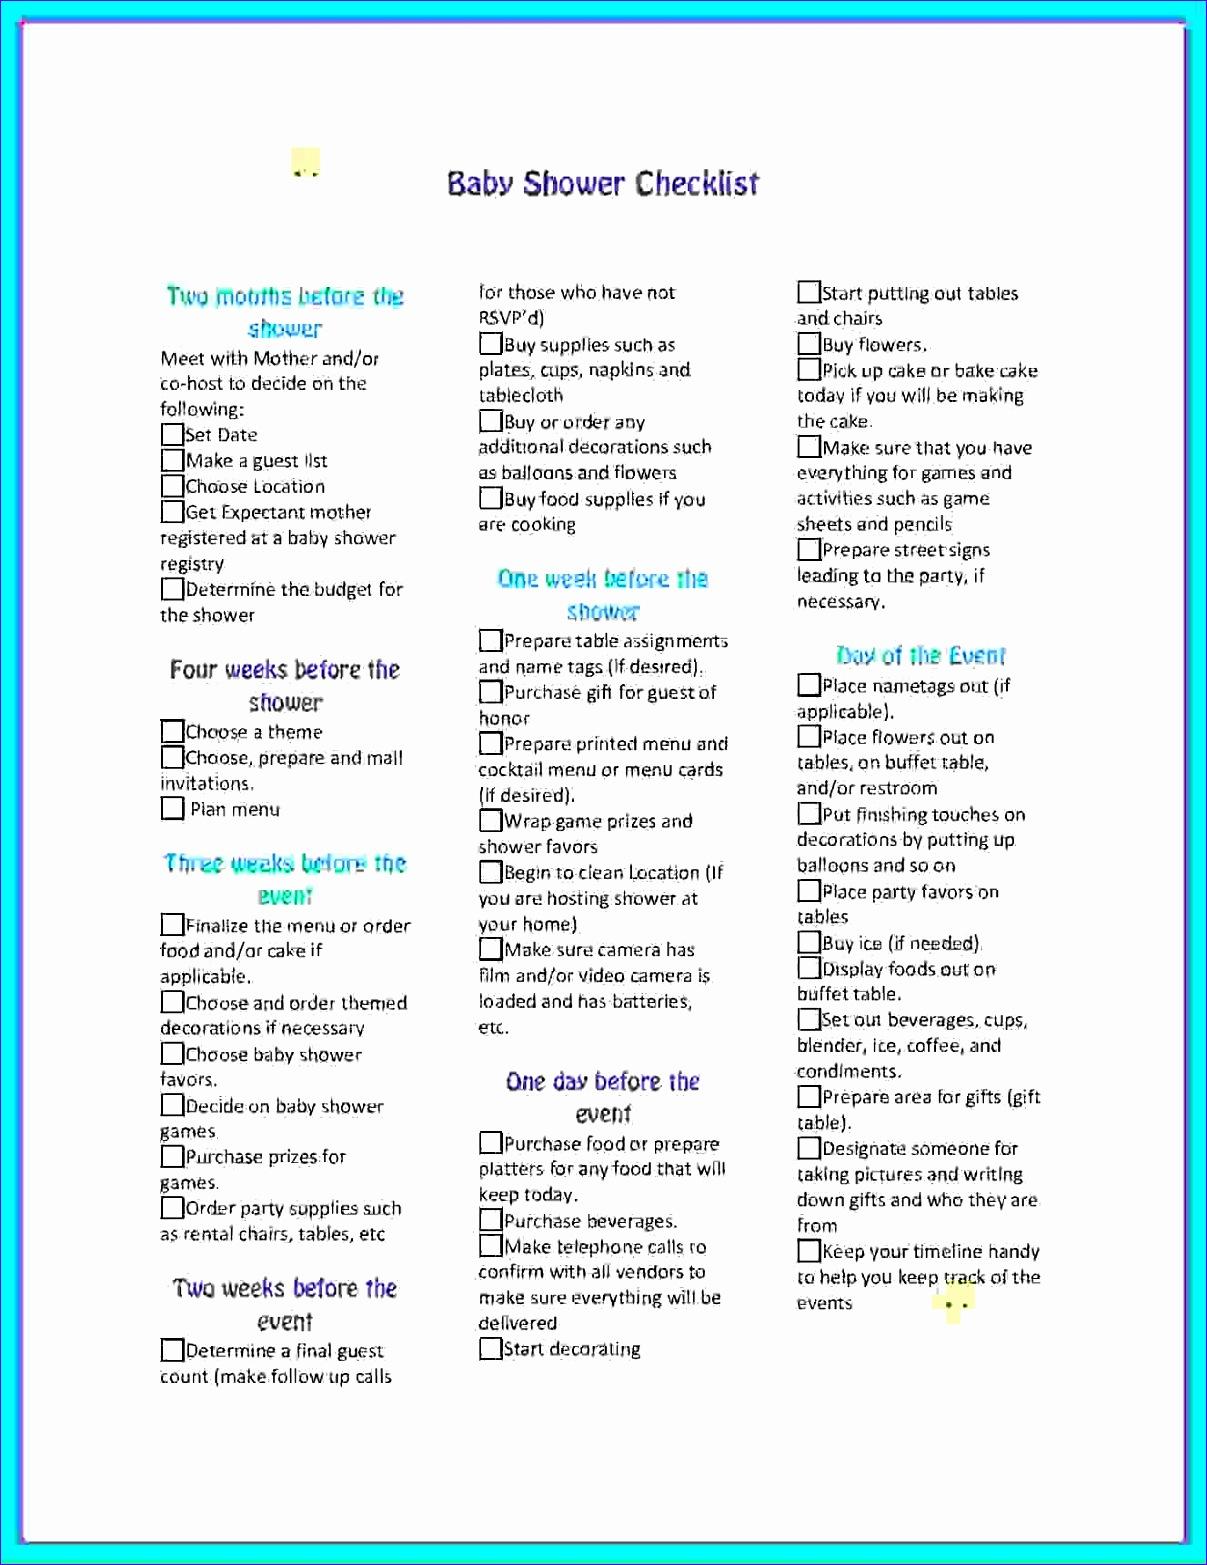 5 planning a baby shower checklist